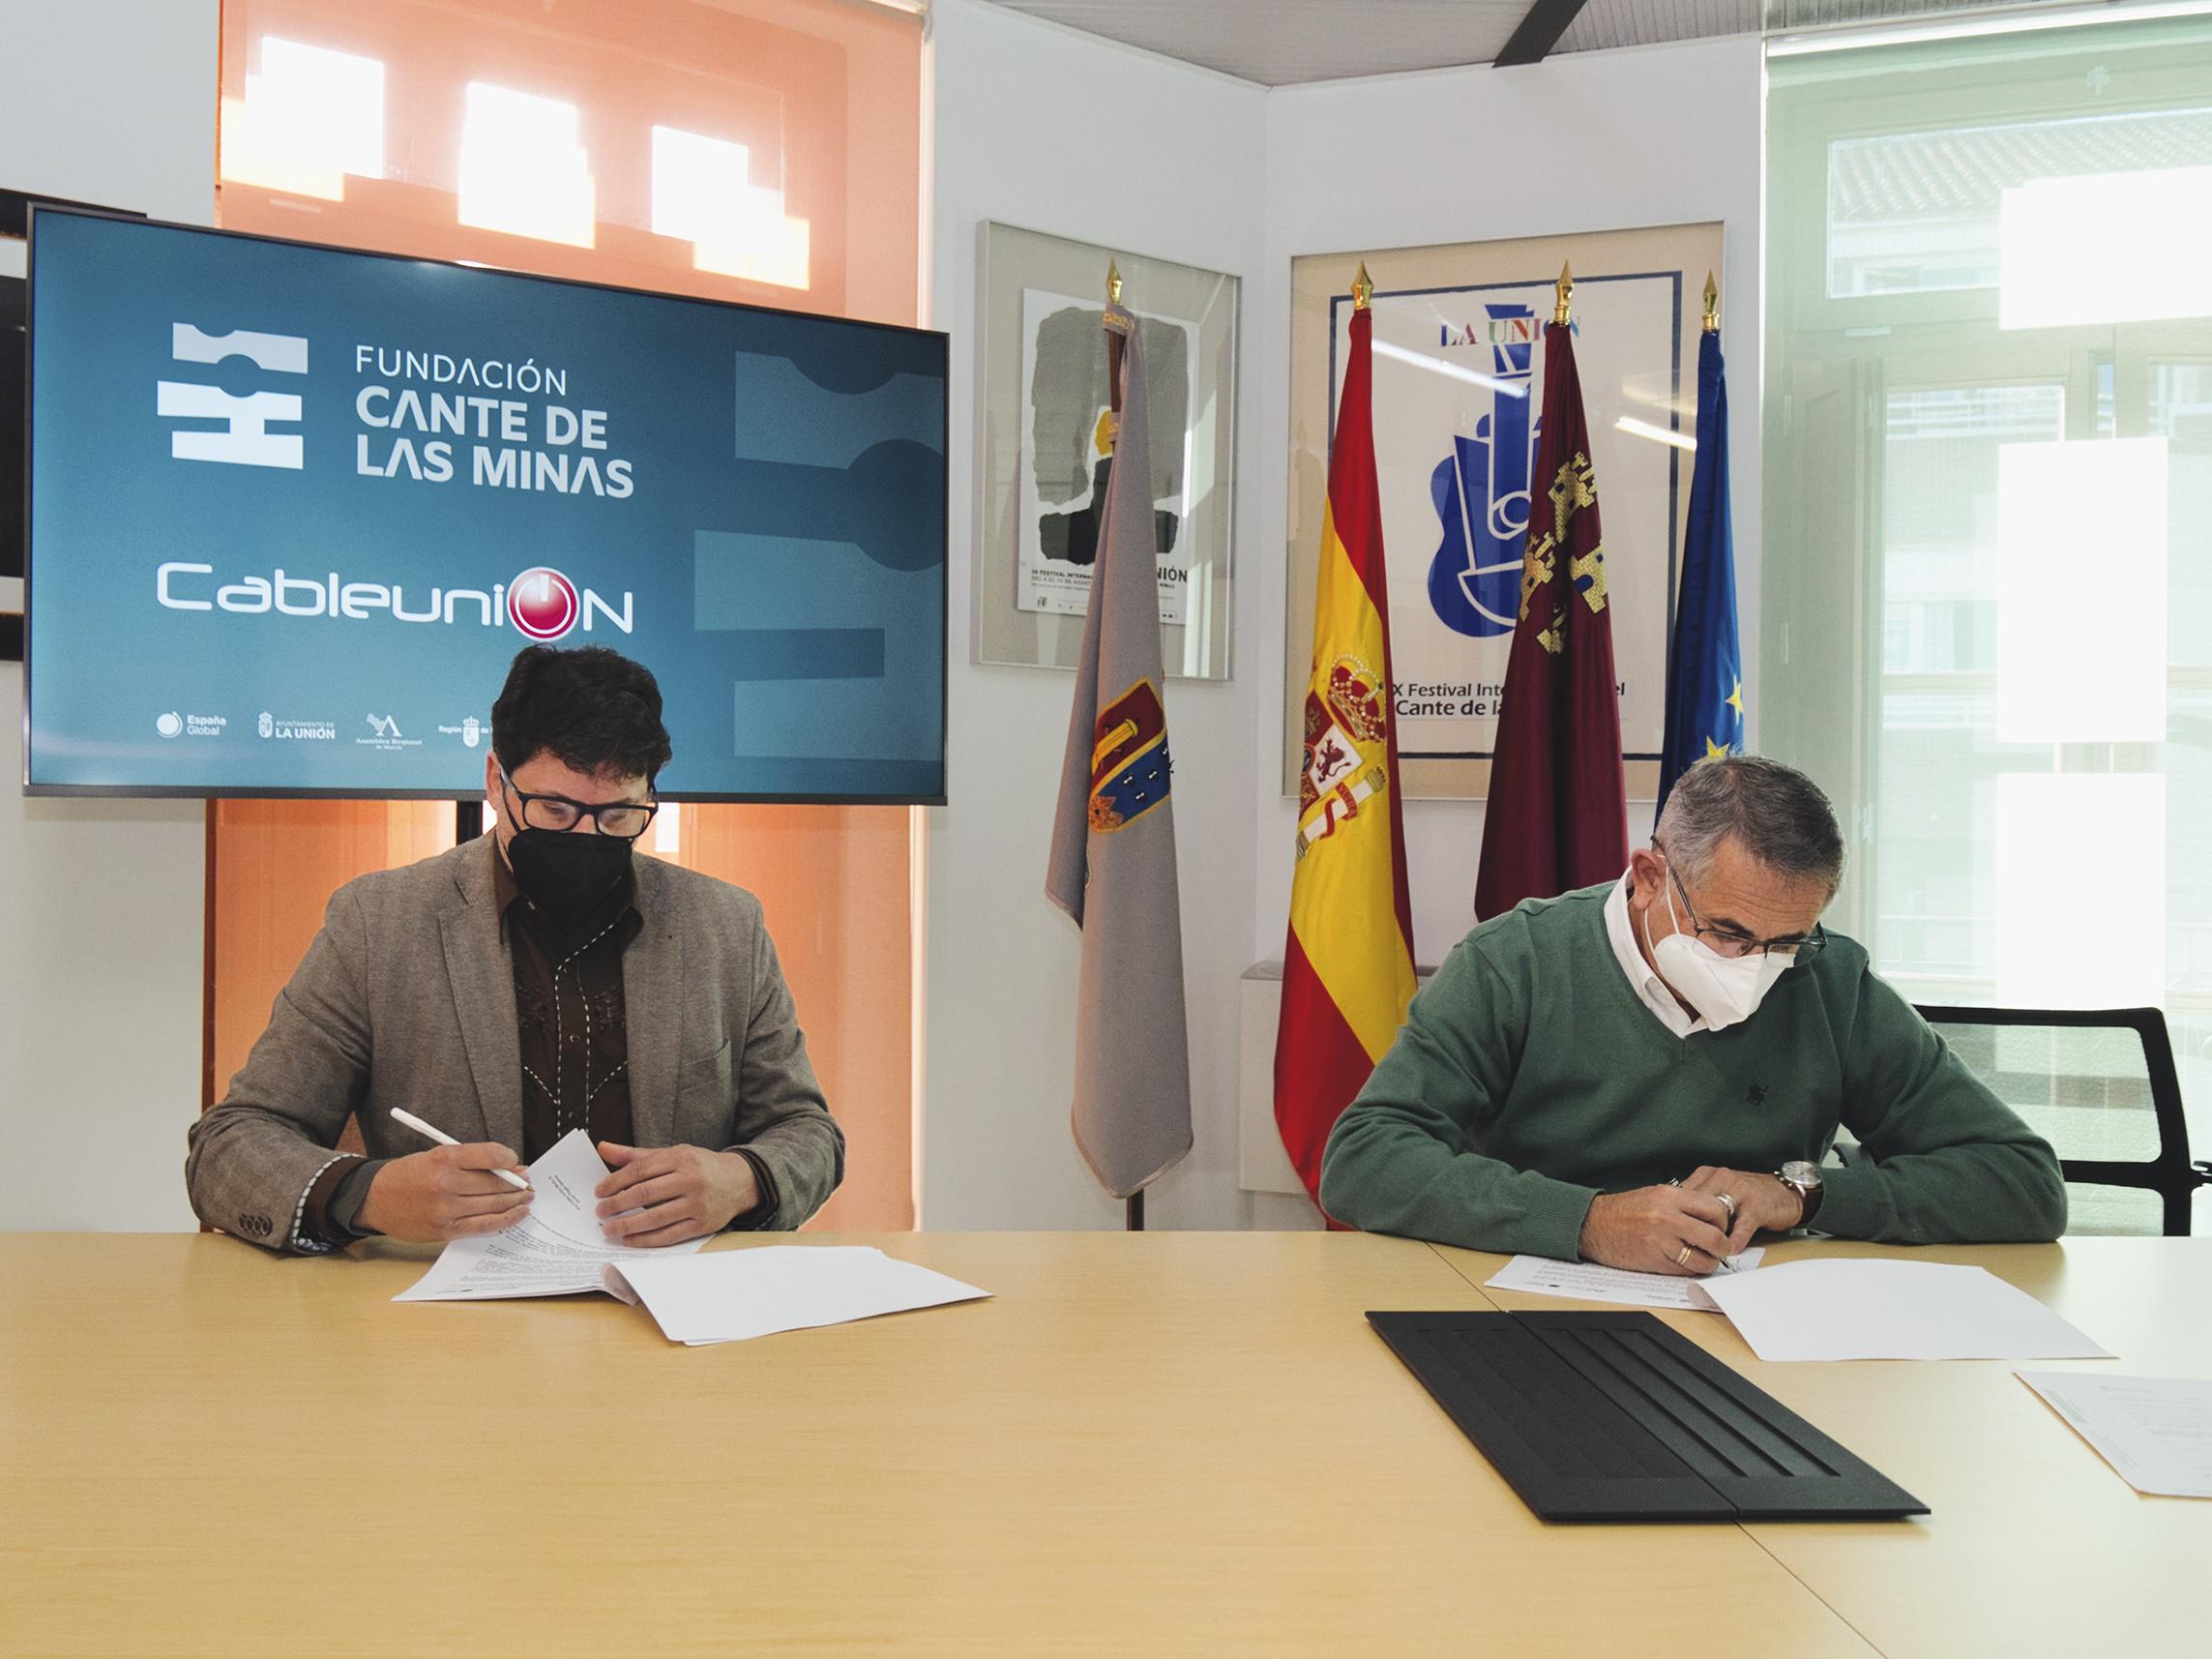 firma-convenio-cante-minas-y-cableunion-01